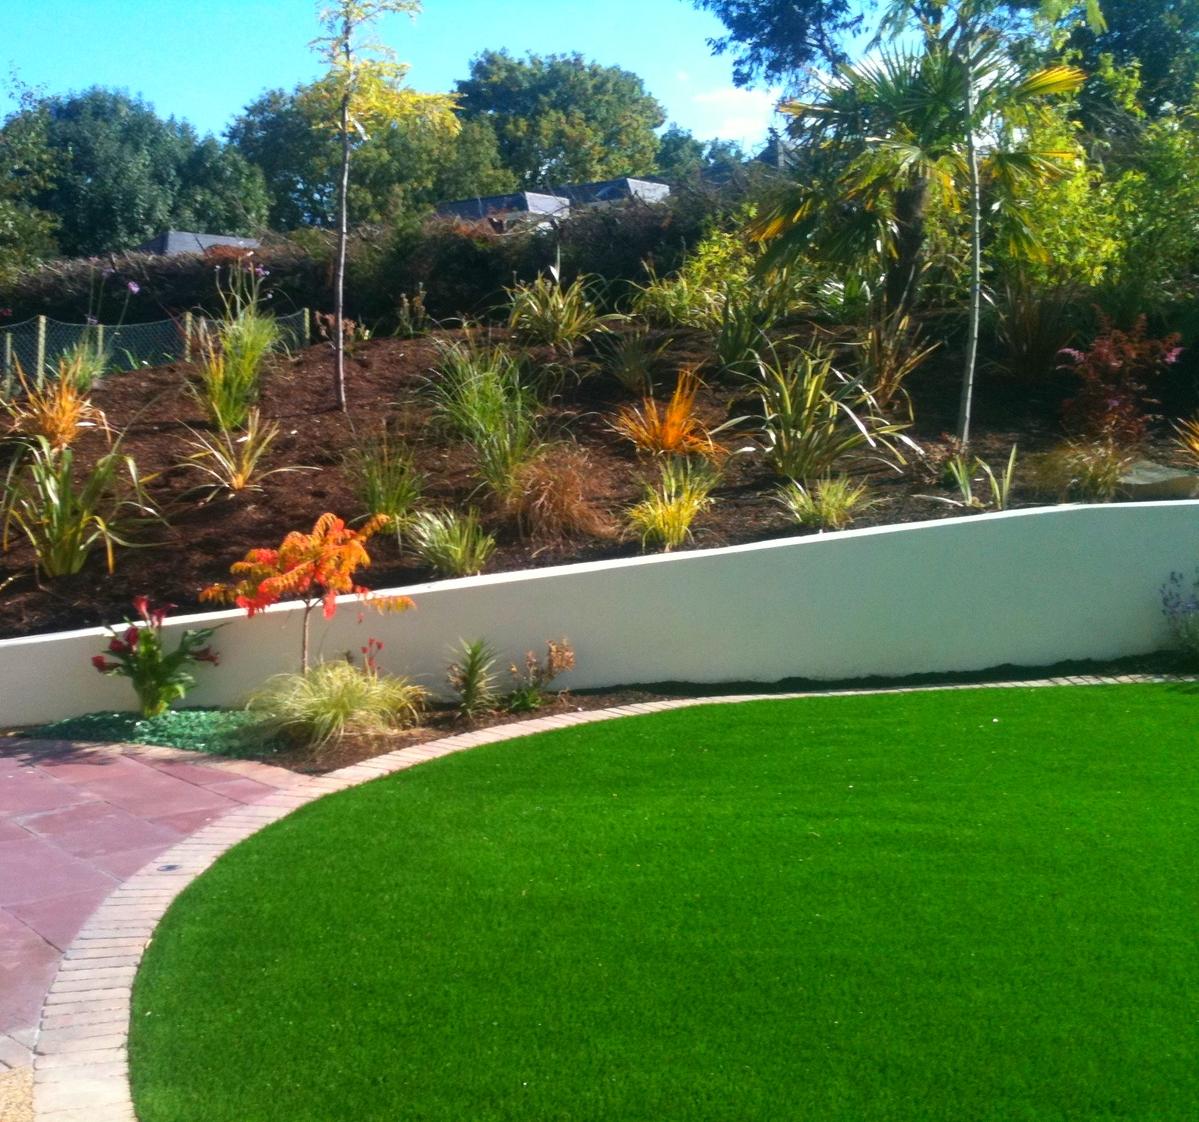 TigerTurf Lawn installed in Kildare Garden